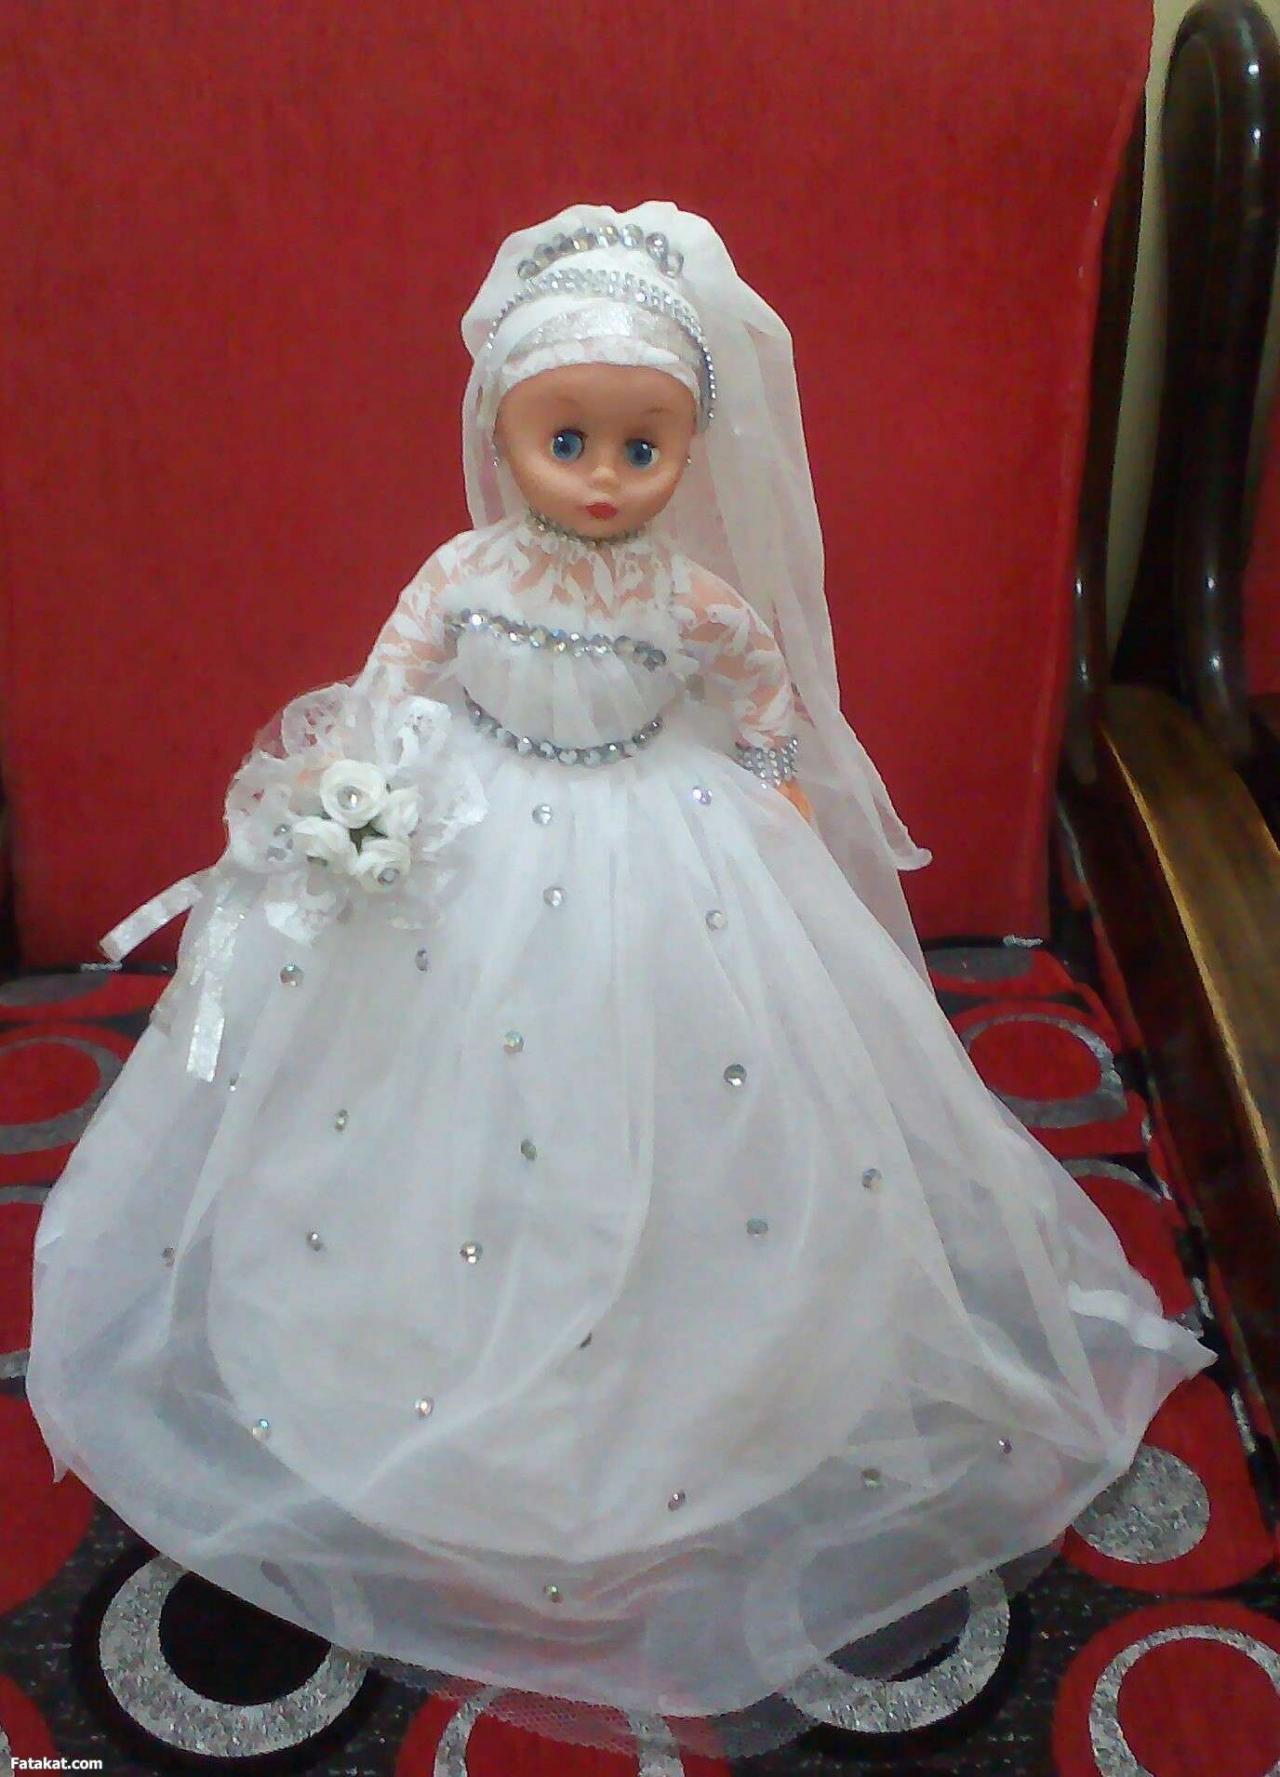 بالصور صور عروسه المولد , صور عن اشكال و الوان عروسه المولد 5137 3